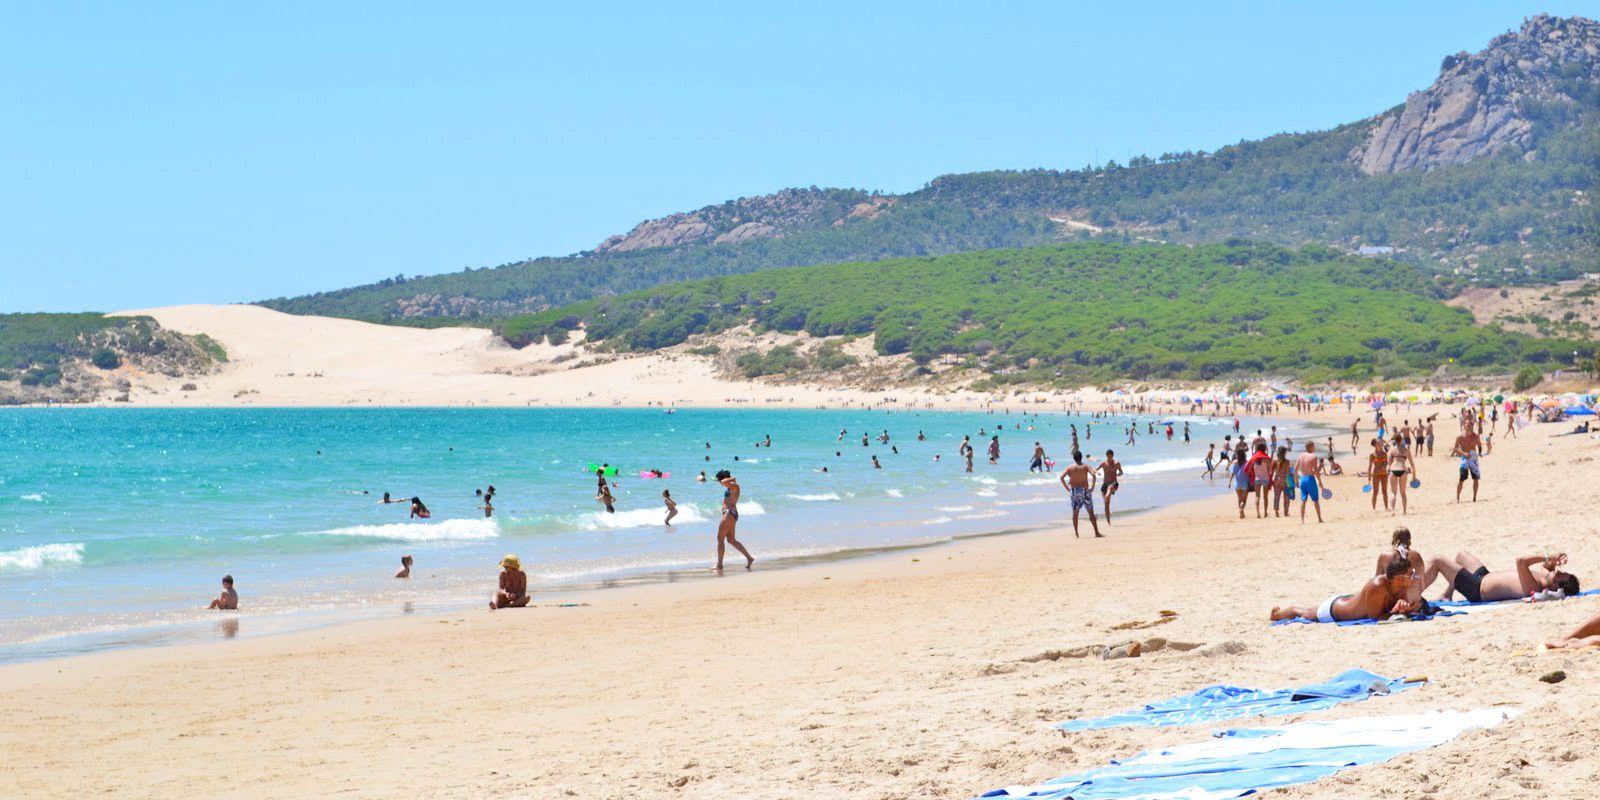 Resultado de imagen de Playa bolonia